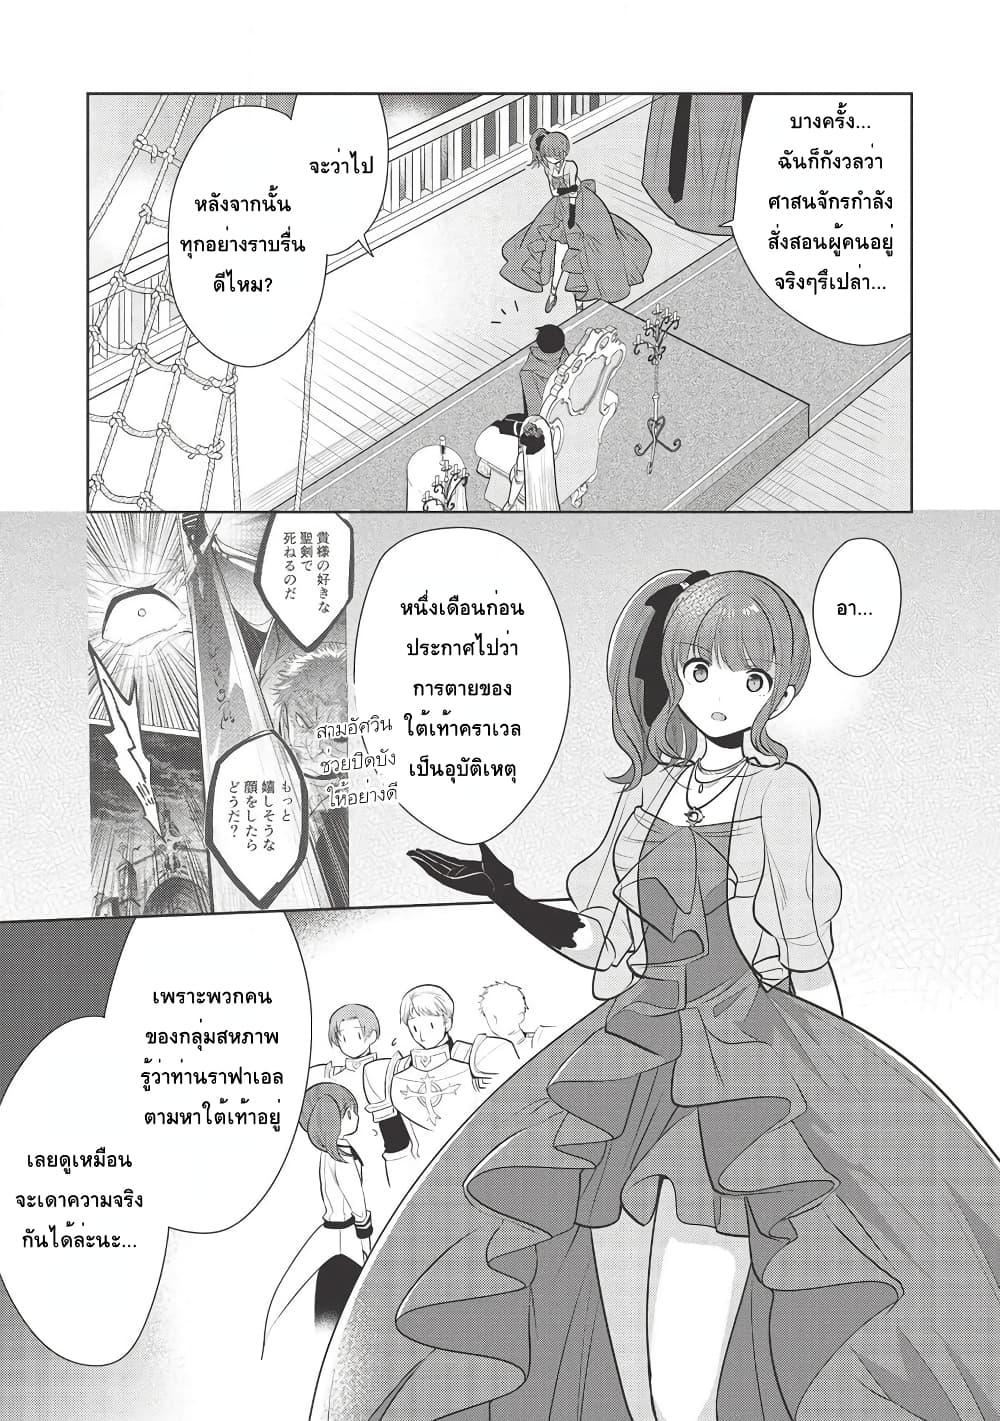 อ่านการ์ตูน Maou no Ore ga Dorei Elf wo Yome ni Shitanda ga Dou Medereba Ii ตอนที่ 28 หน้าที่ 5